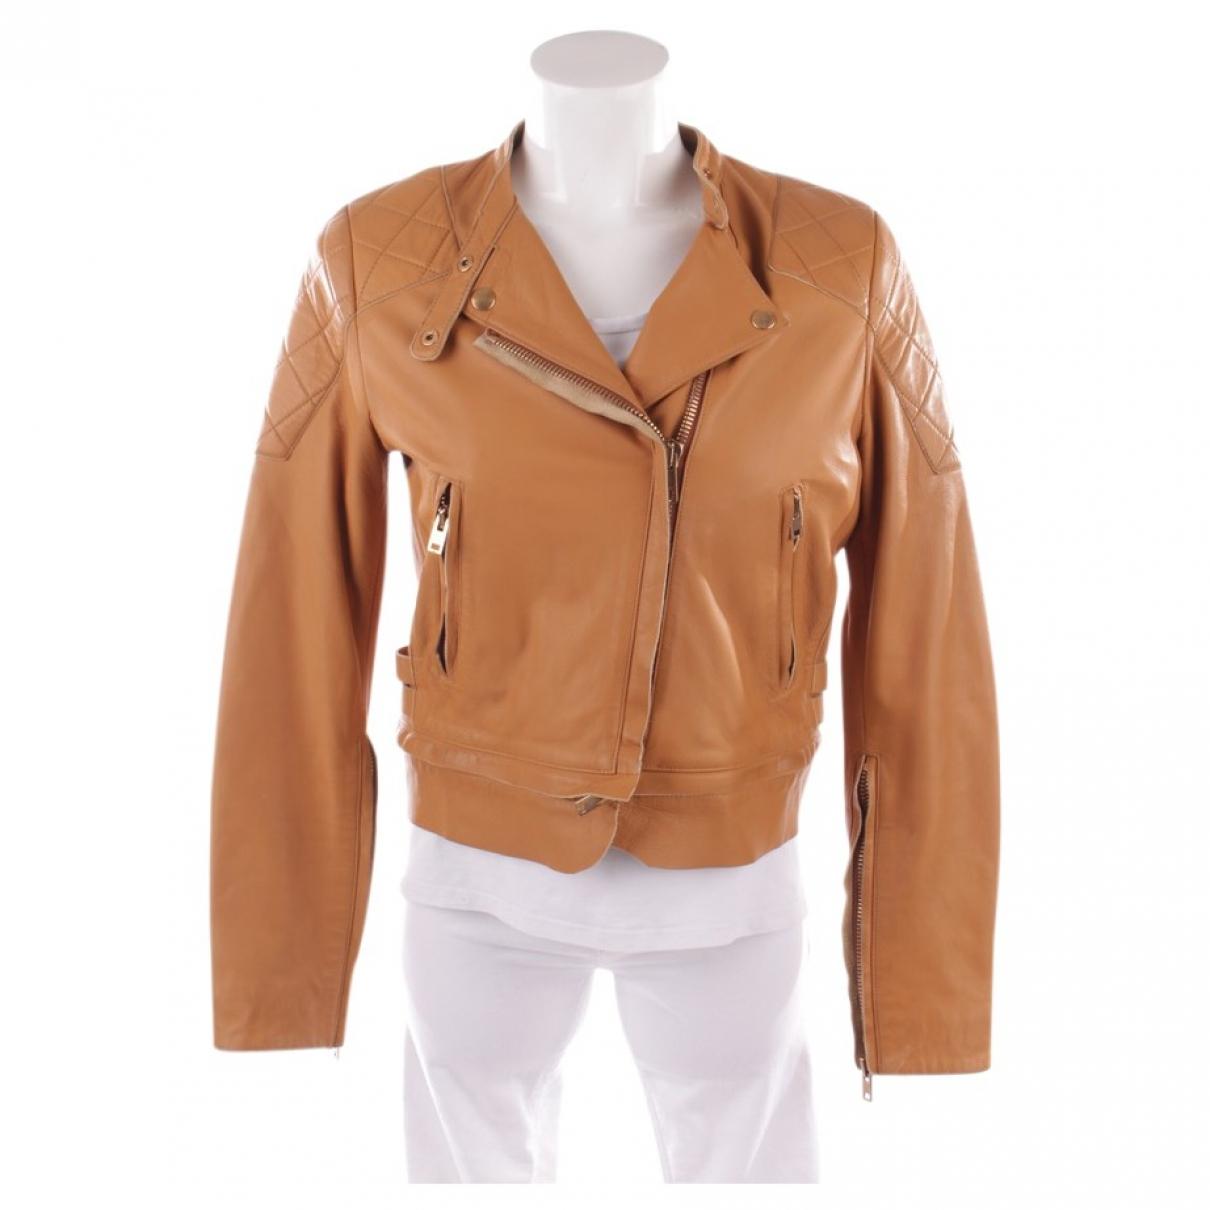 Acne Studios - Veste   pour femme en cuir - beige